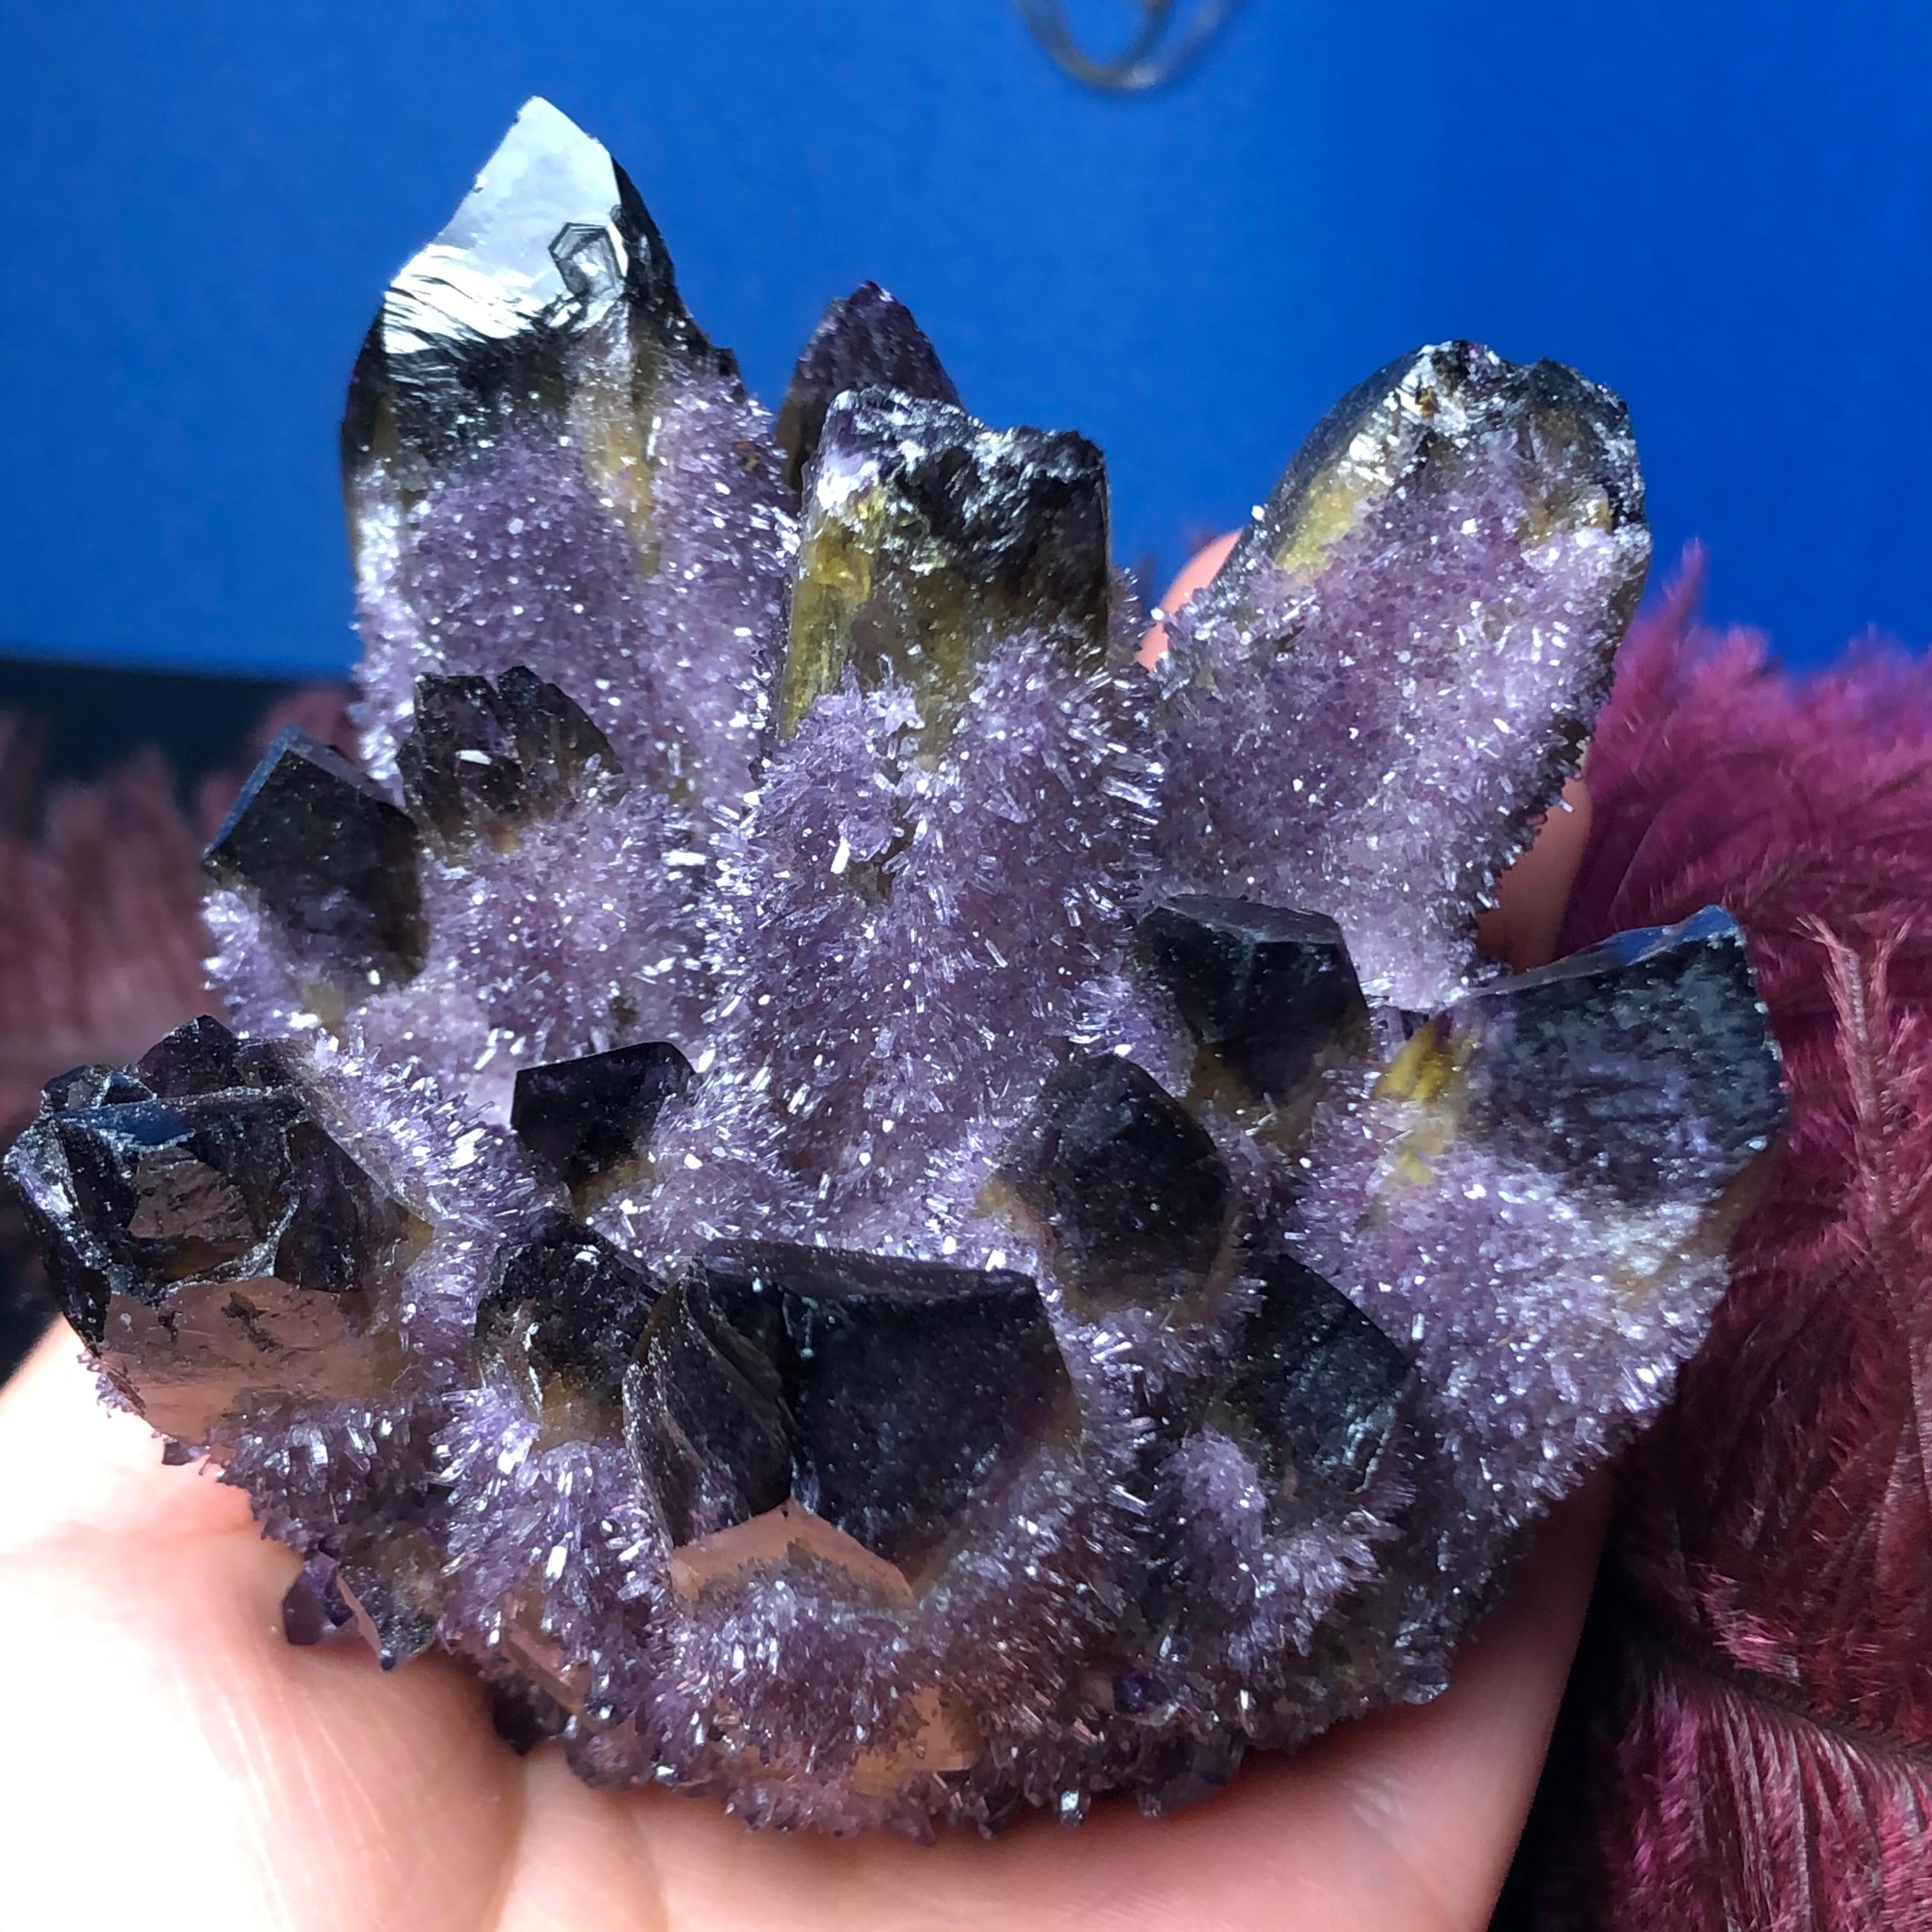 1 pièce de cristal de Quartz fantôme violet | Grappe de pierres et cristaux minéraux, spécimen de guérison reiki, décoration de la maison